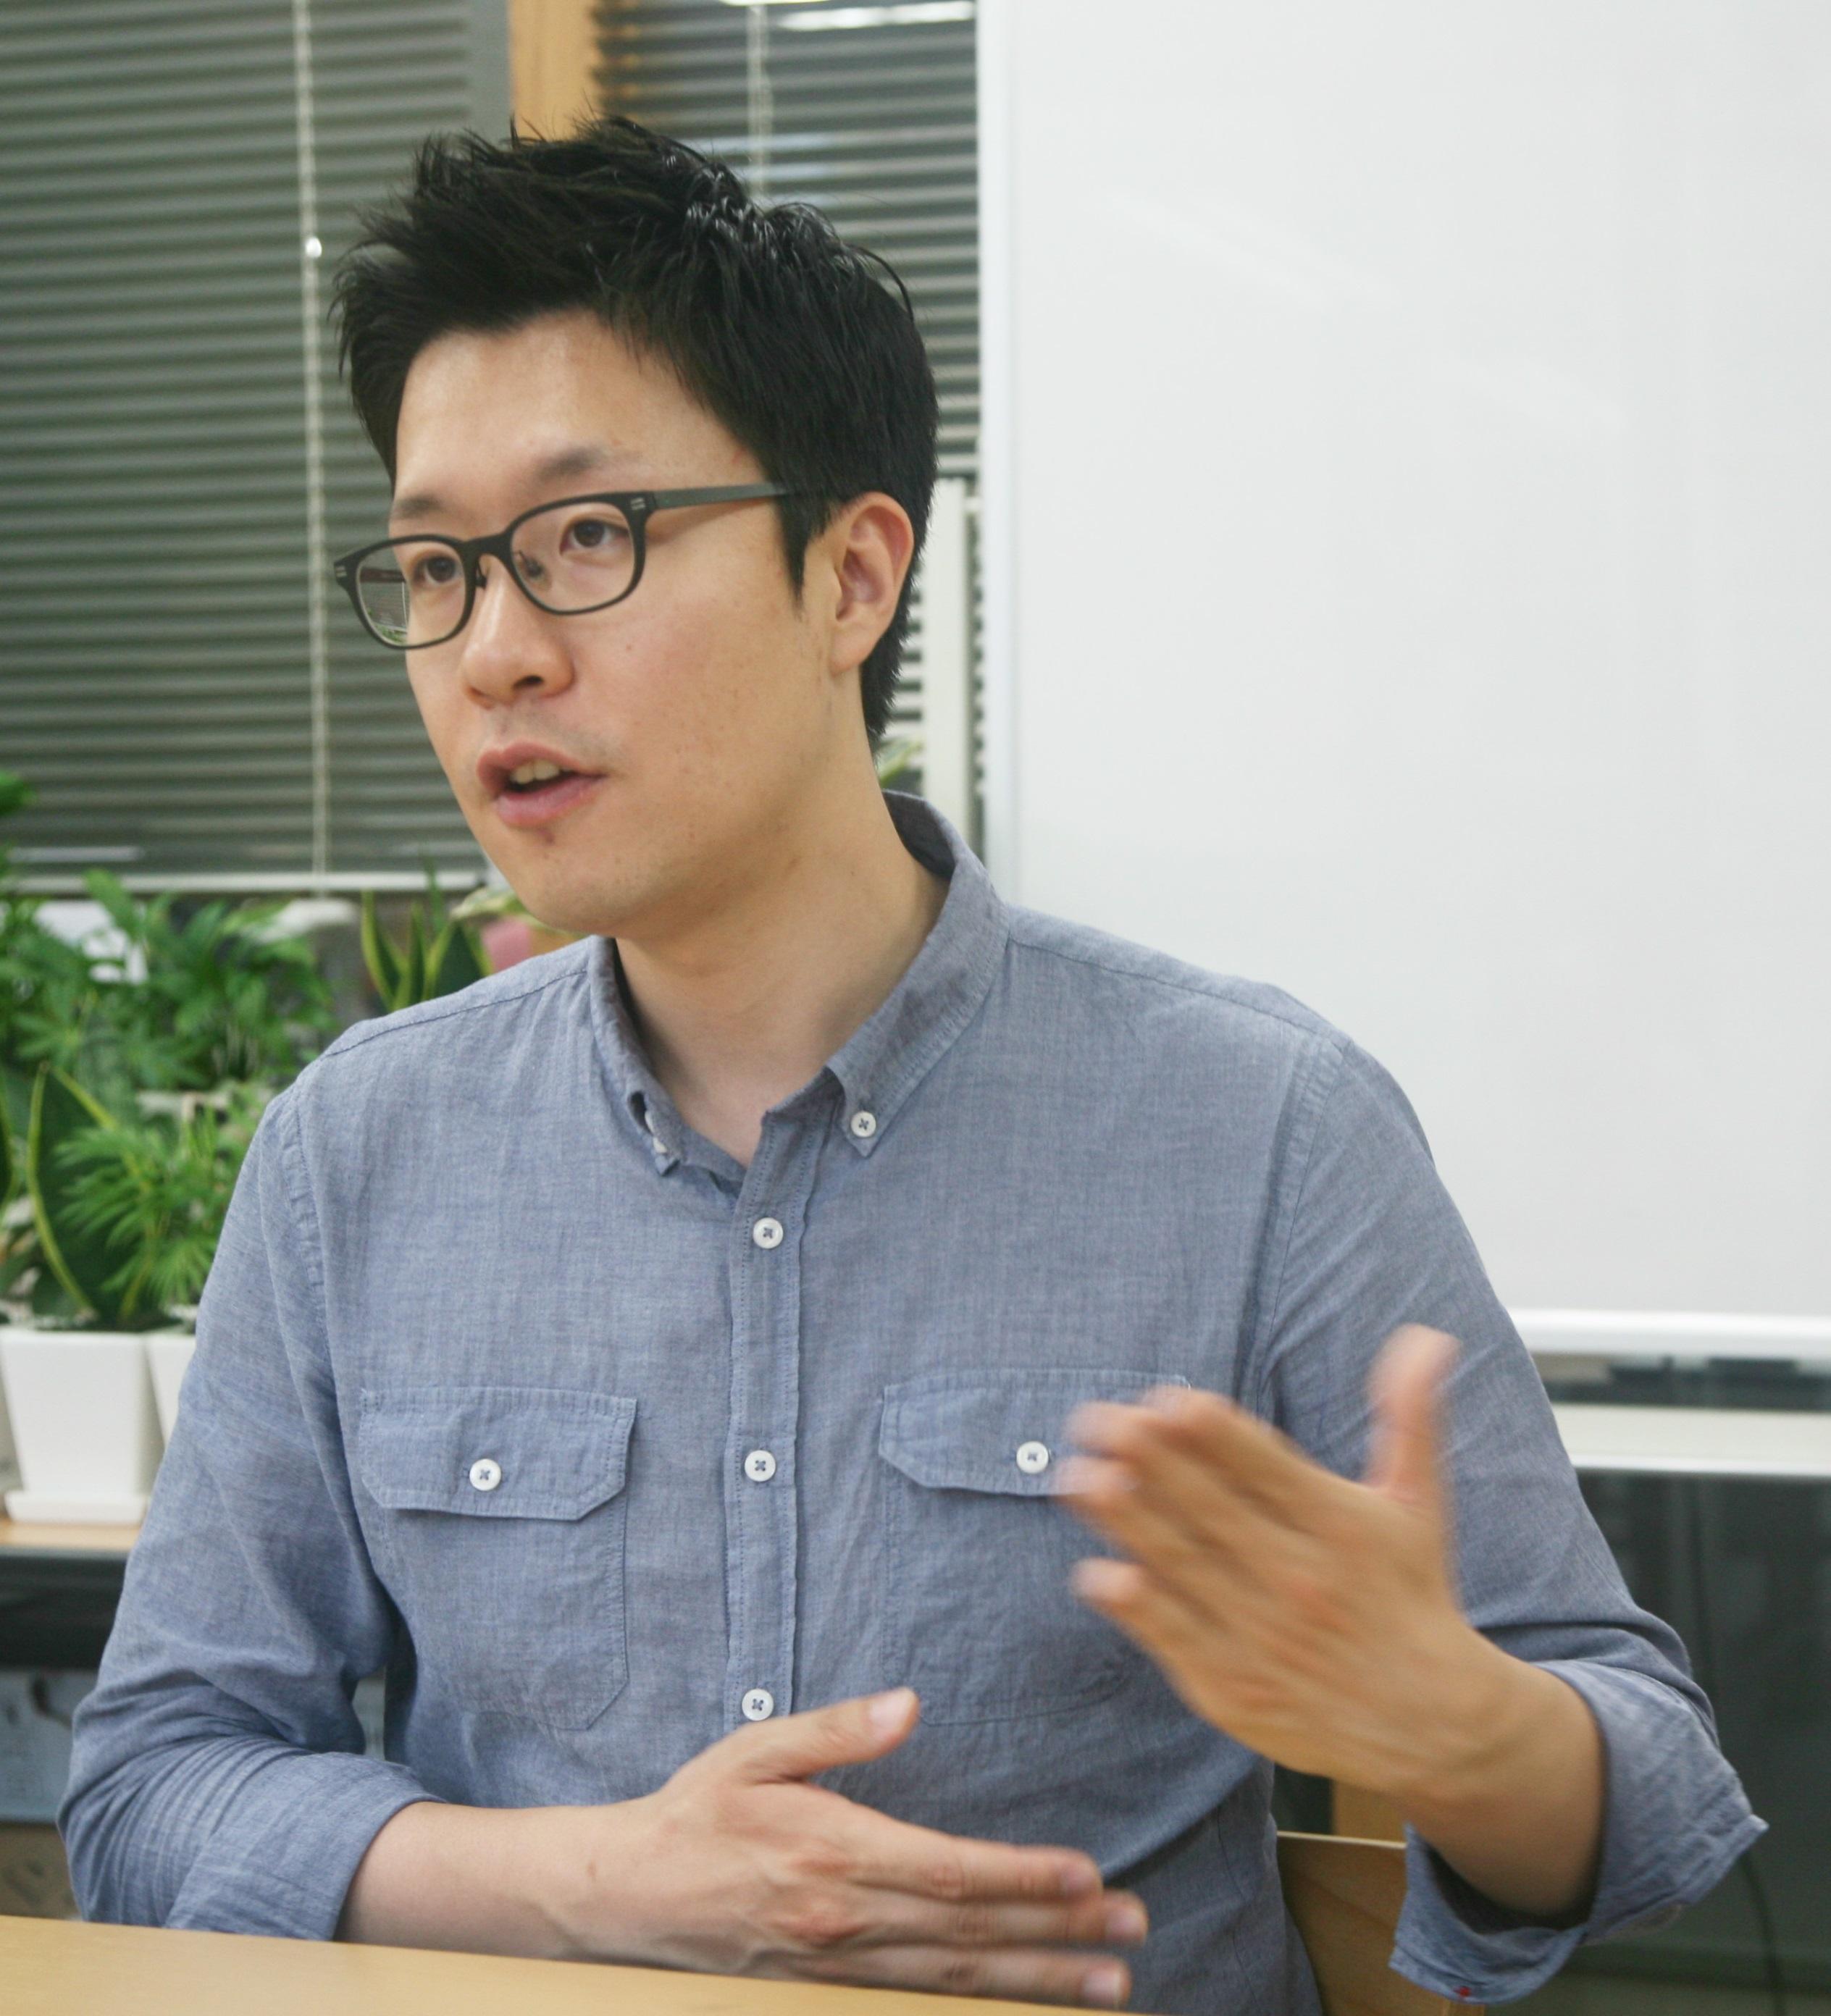 퍼플즈 송훈 대표